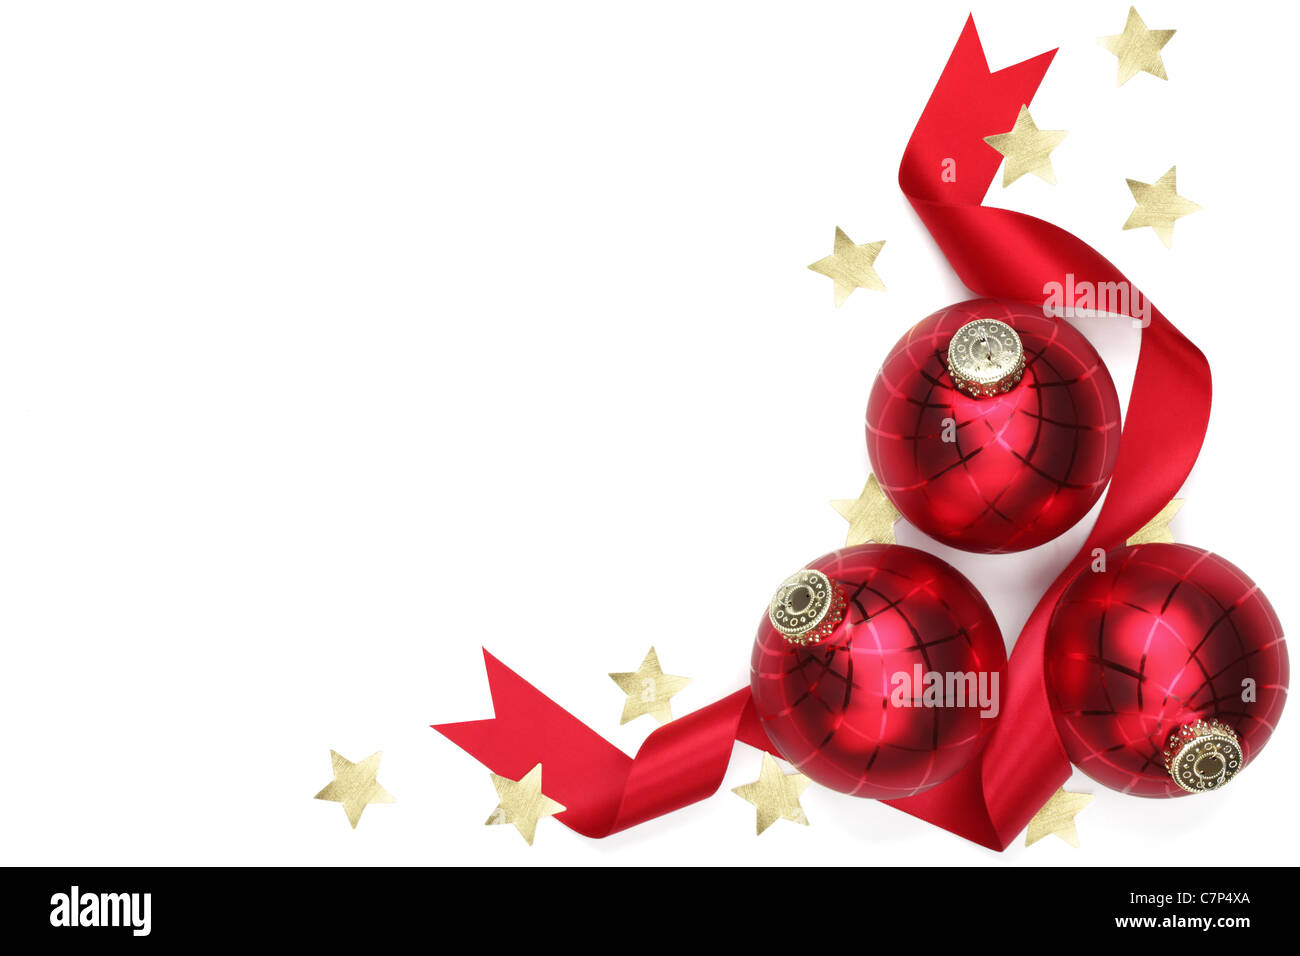 Drei Weihnachtskugeln mit Band und Konfetti Sterne auf weißem Hintergrund. Stockfoto